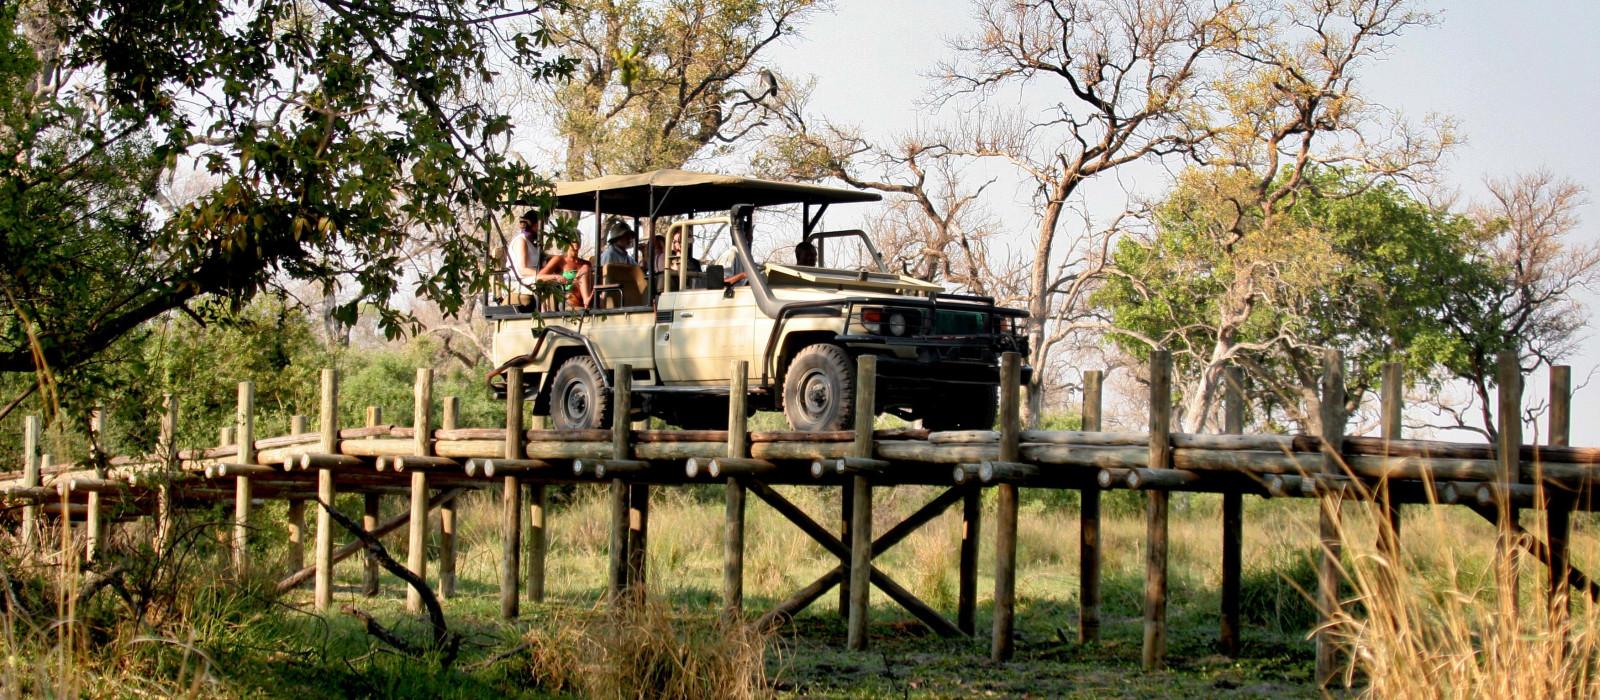 Botswana Safari: Your Wildest Dreams Tour Trip 1